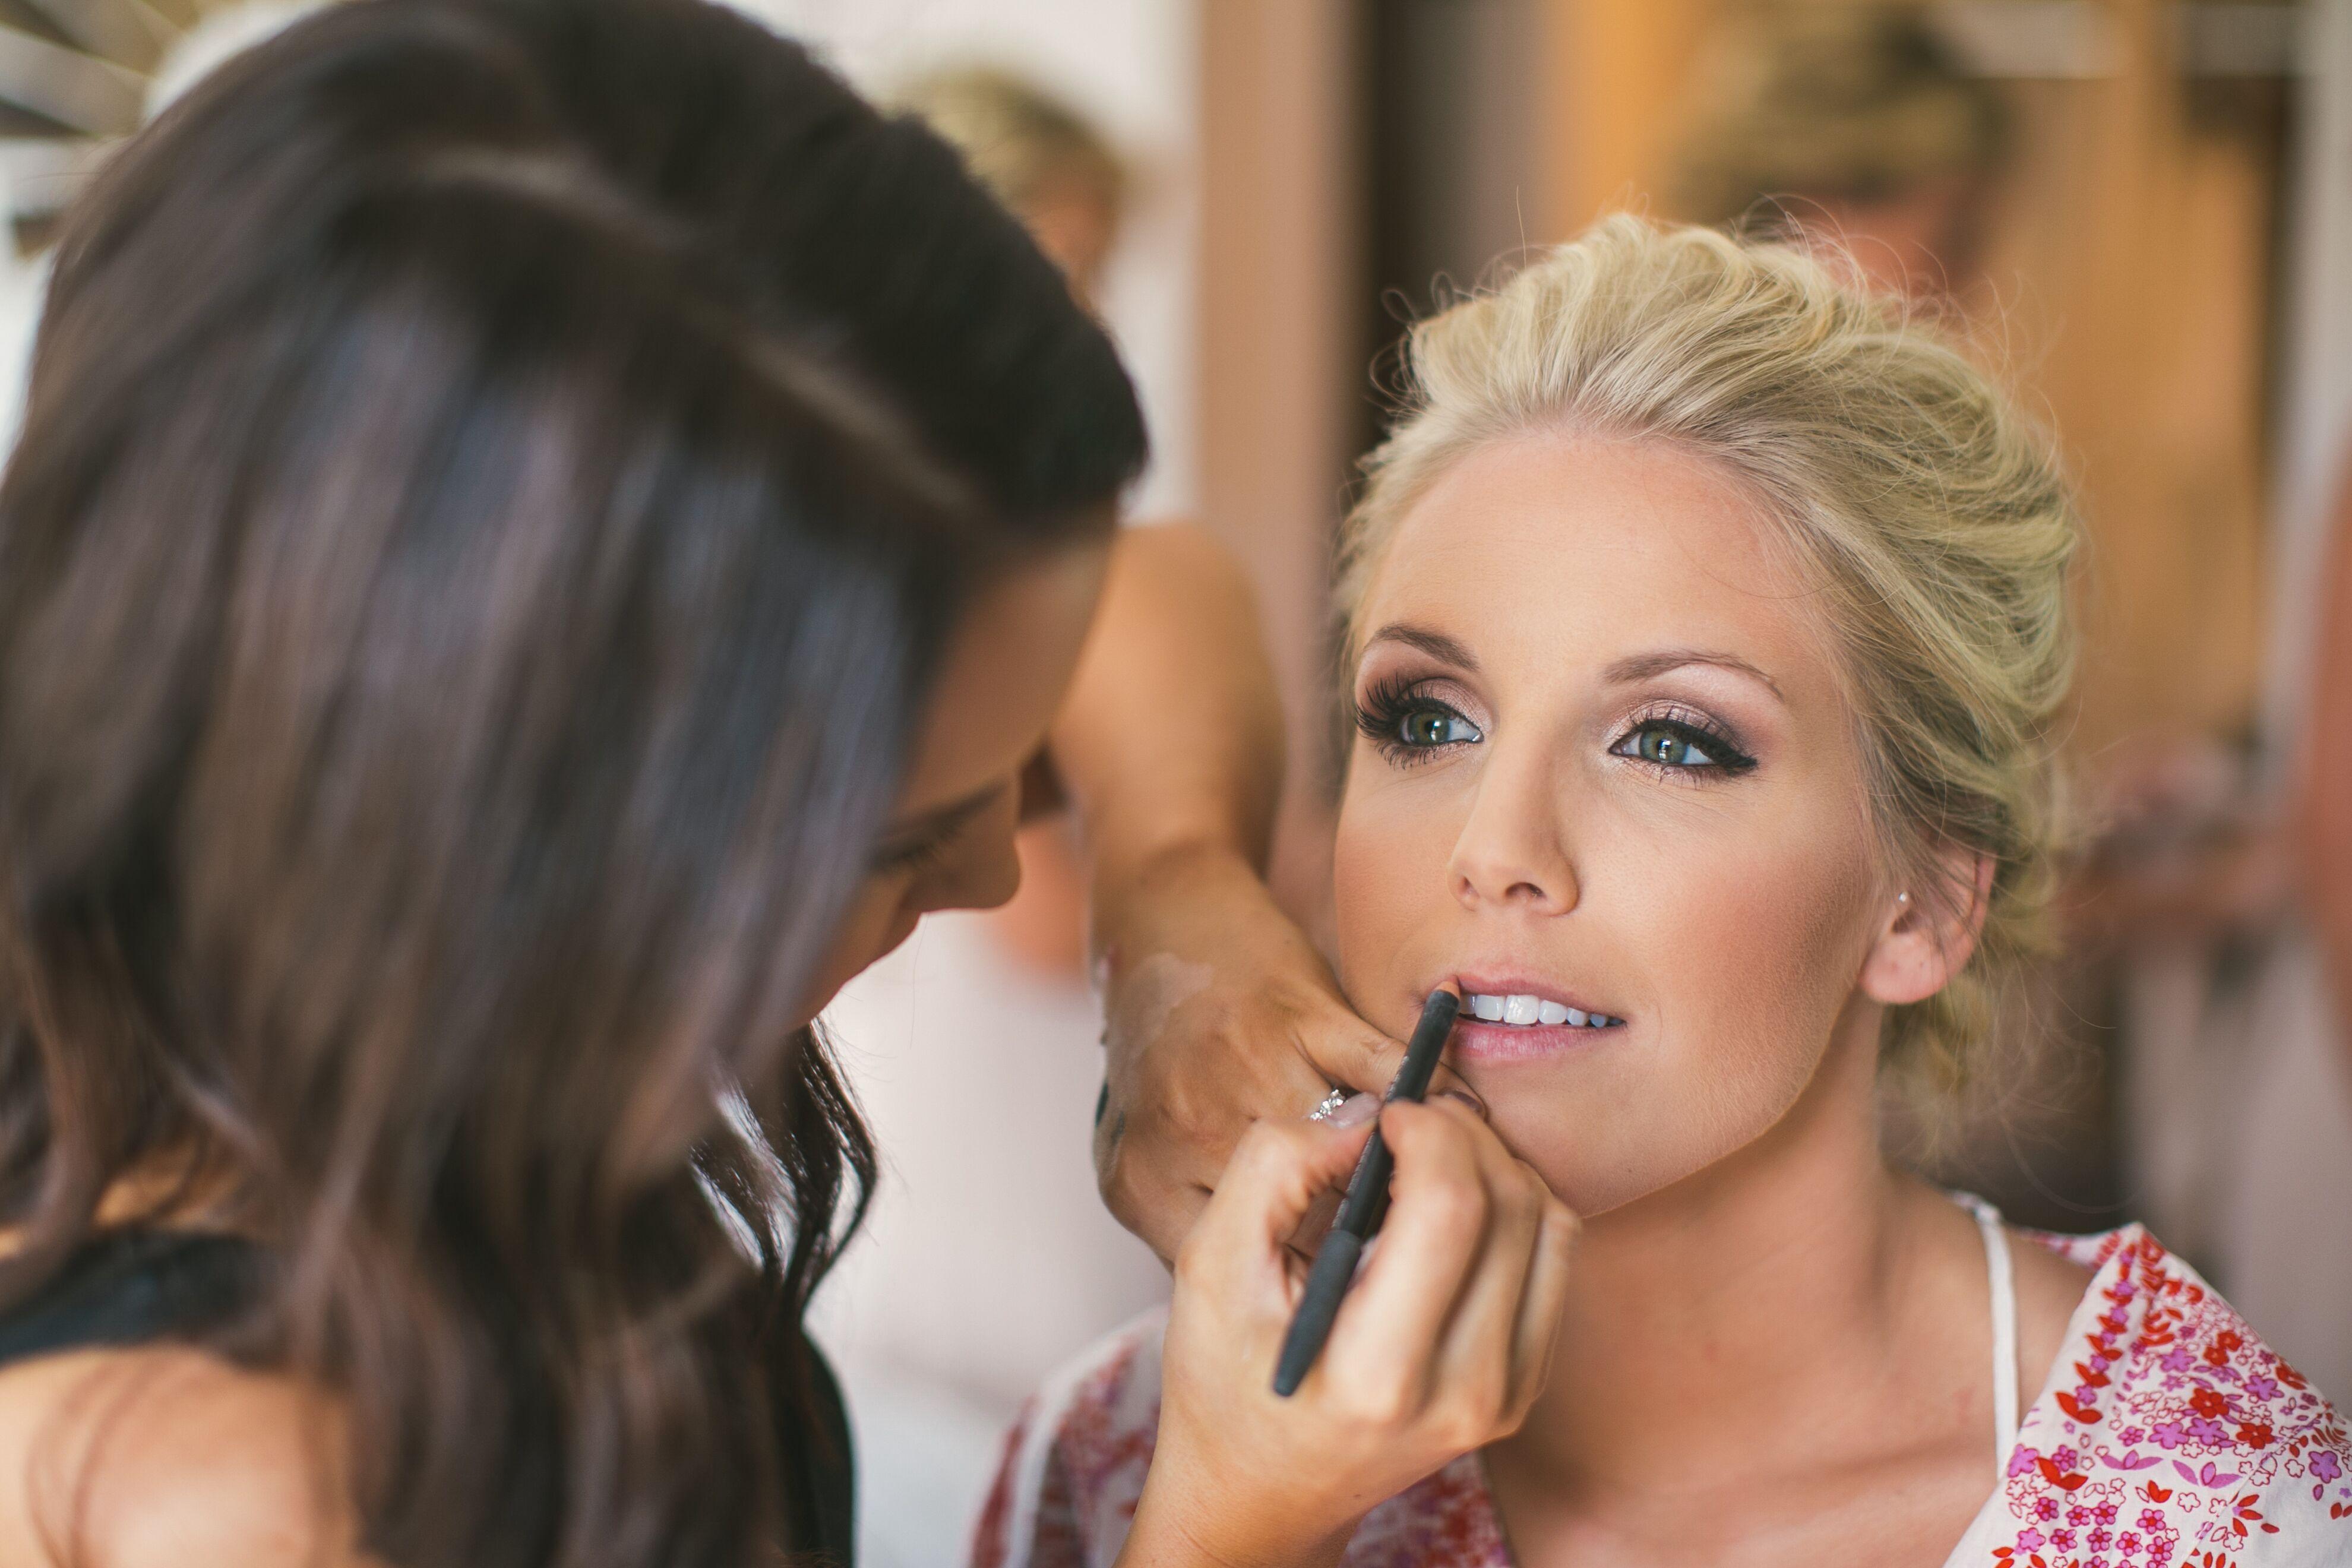 makeup by kailee akin | beauty - visalia, ca